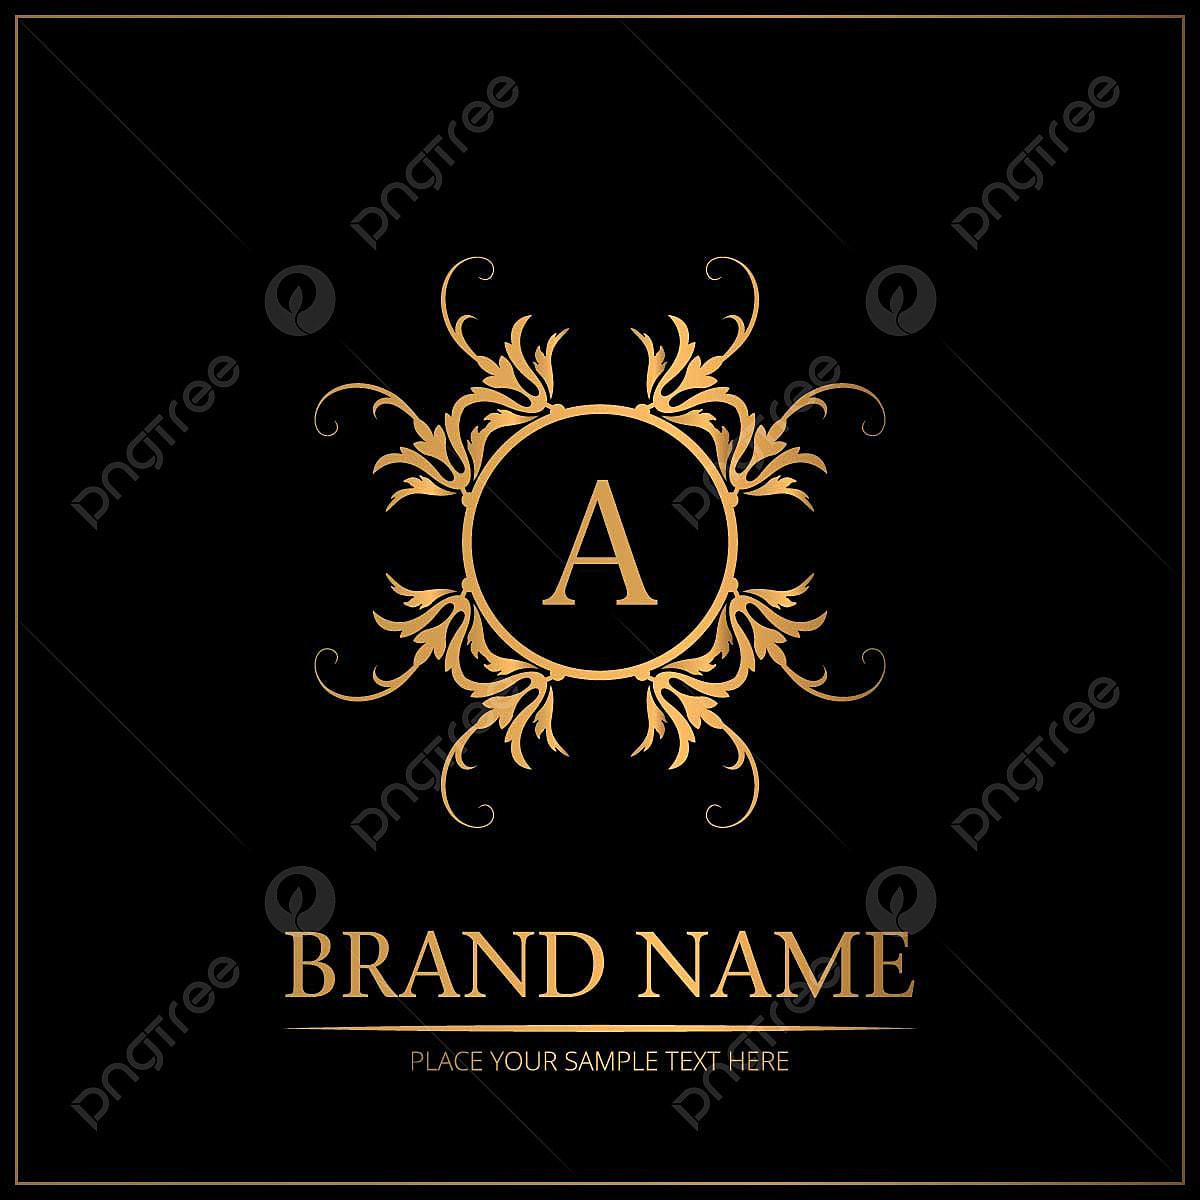 Hochzeitslogo Mit Markennamen Design, Logo Ikonen, Markensymbole ...